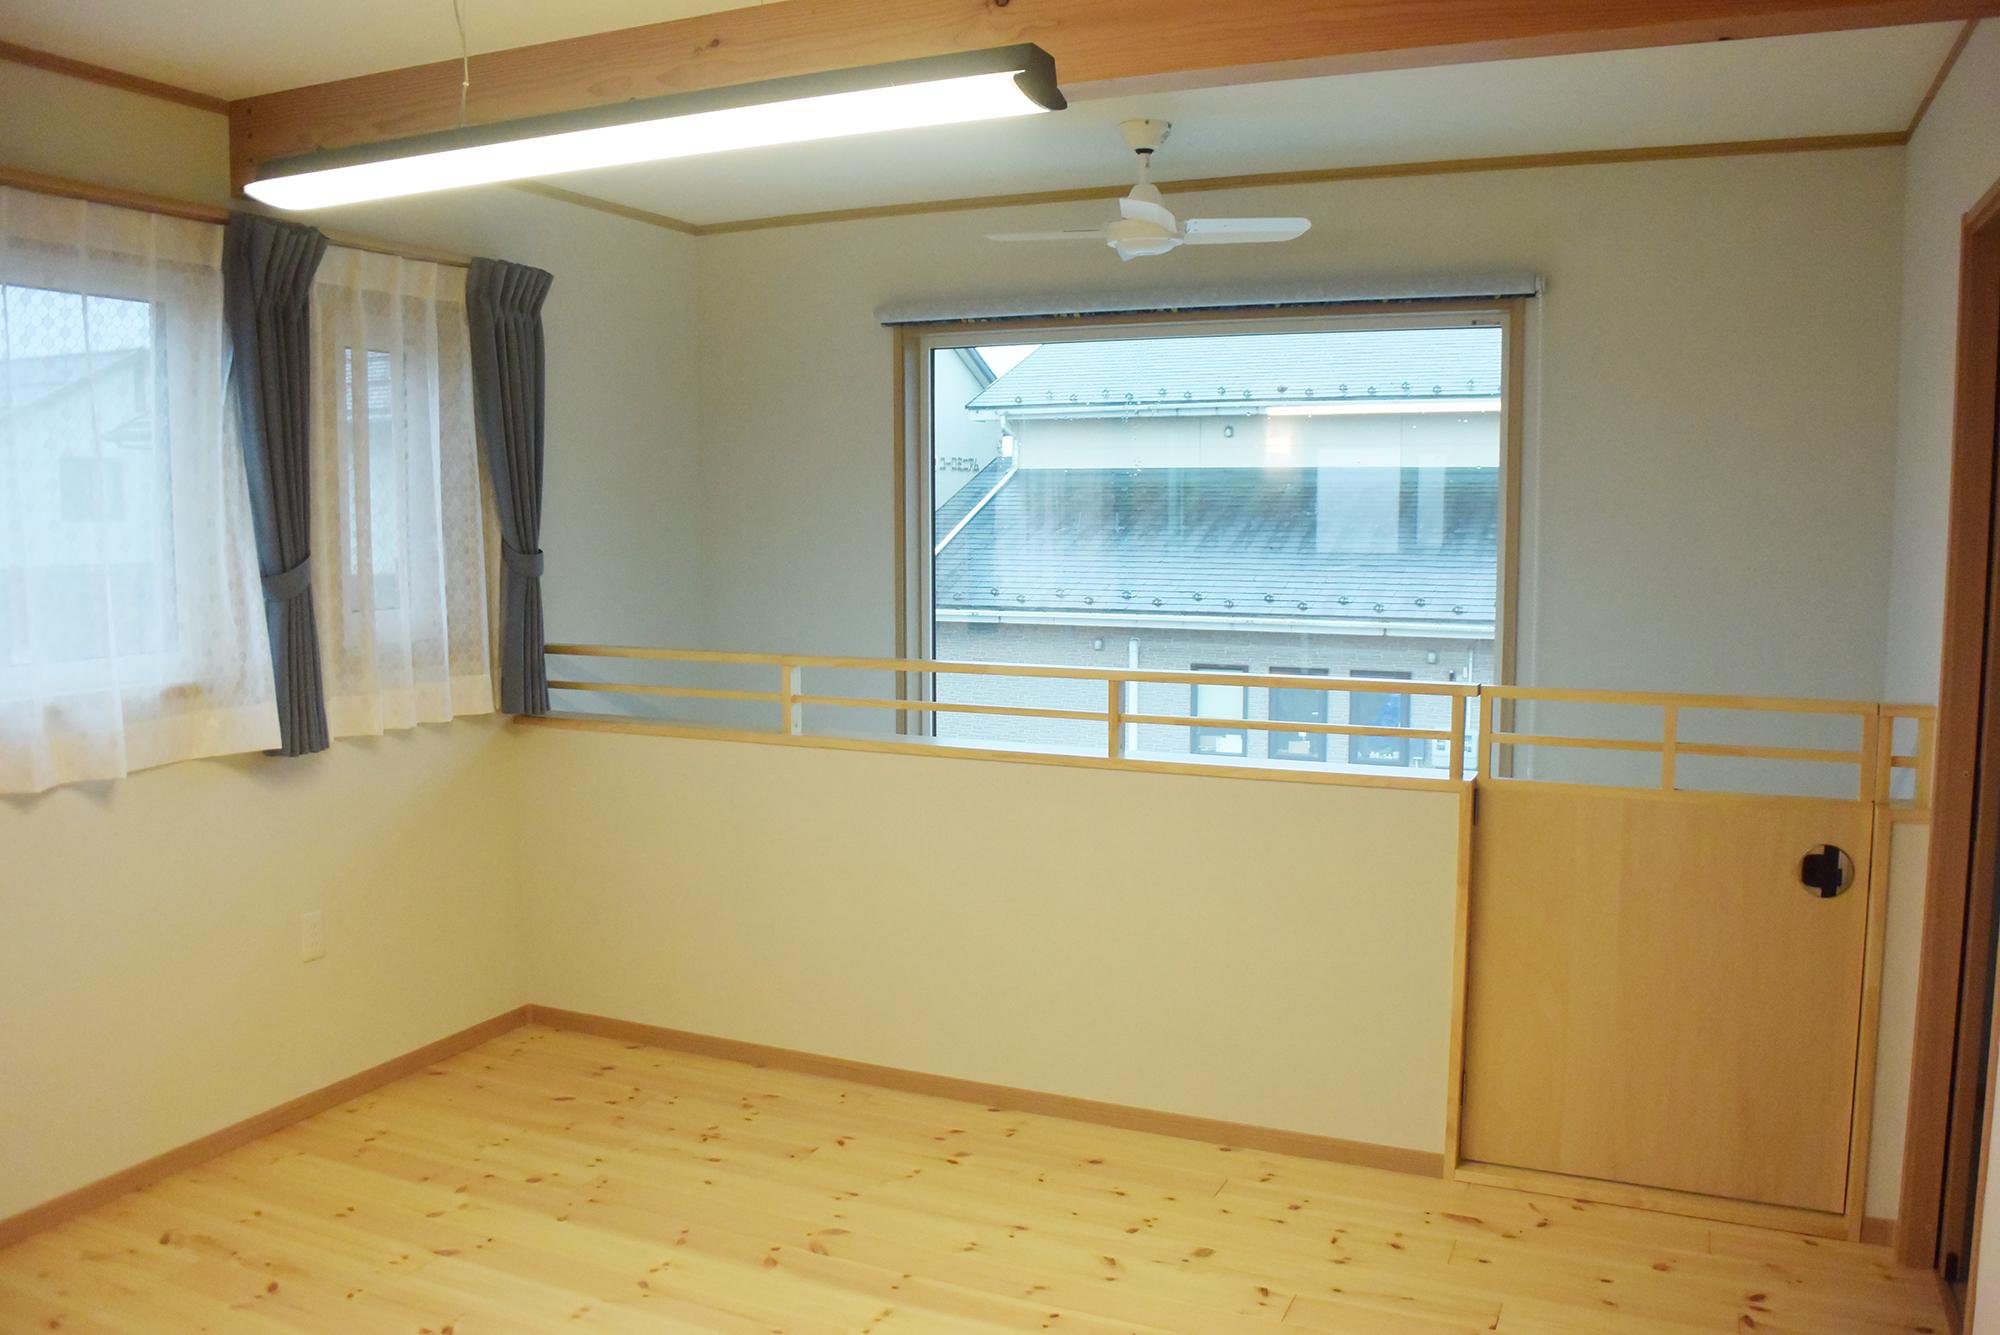 階段を上がると2Fホールがあります。吹き抜け空間もありとても開放的な空間です。